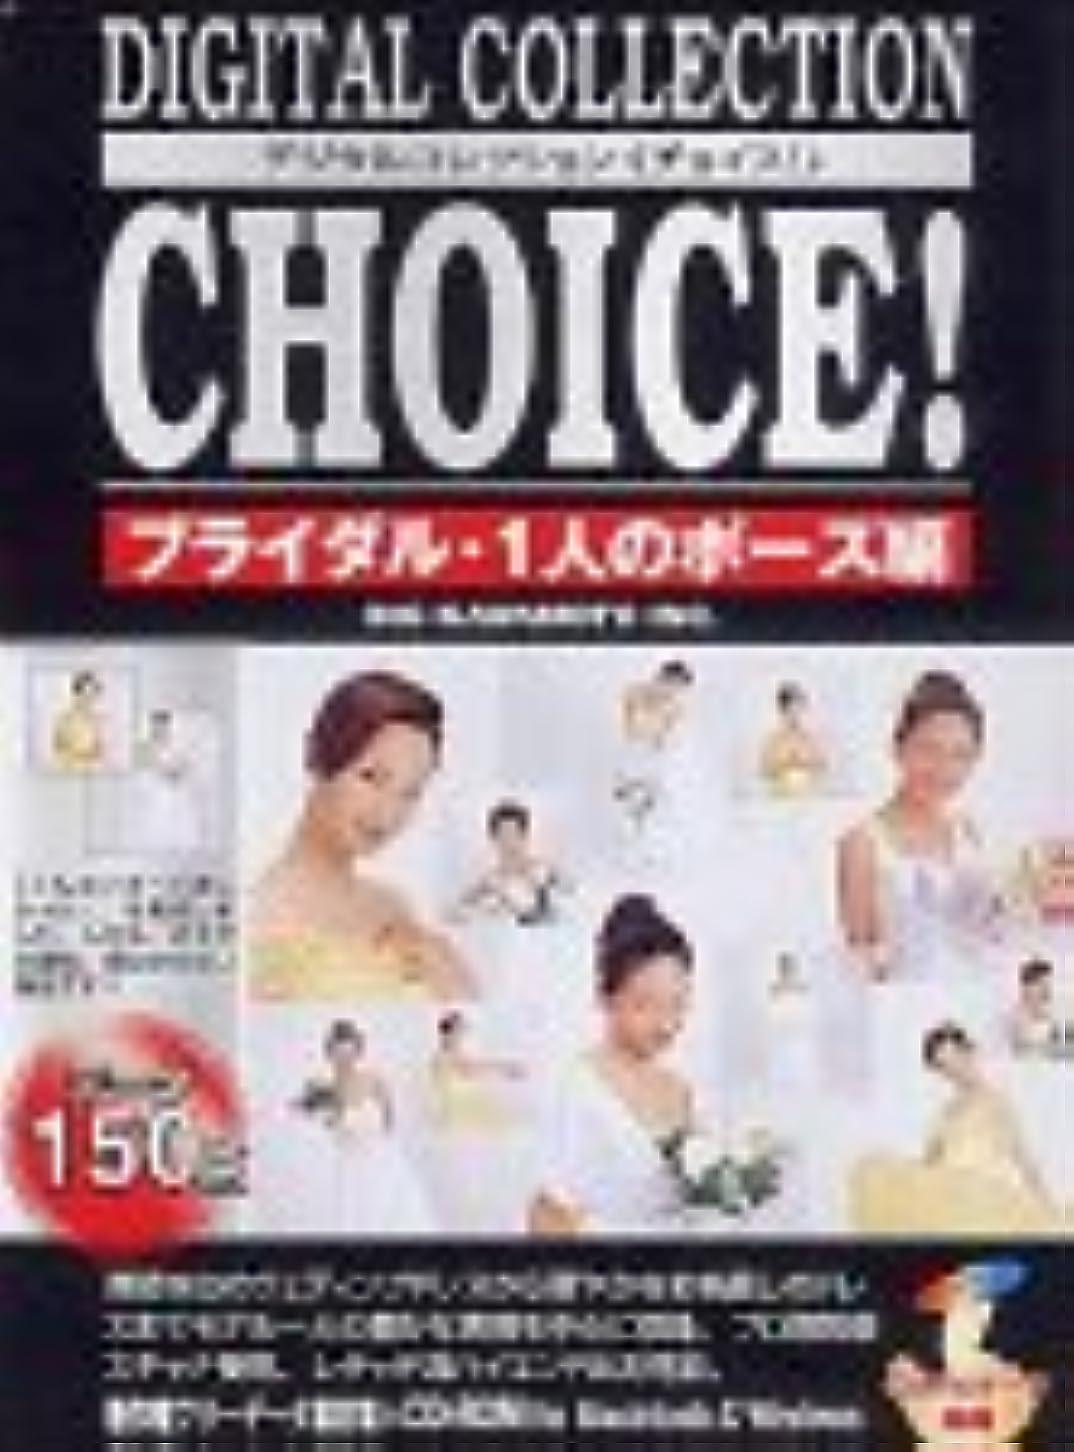 慎重慎重勇気のあるDigital Collection Choice! No.26 ブライダル?1人のポーズ編